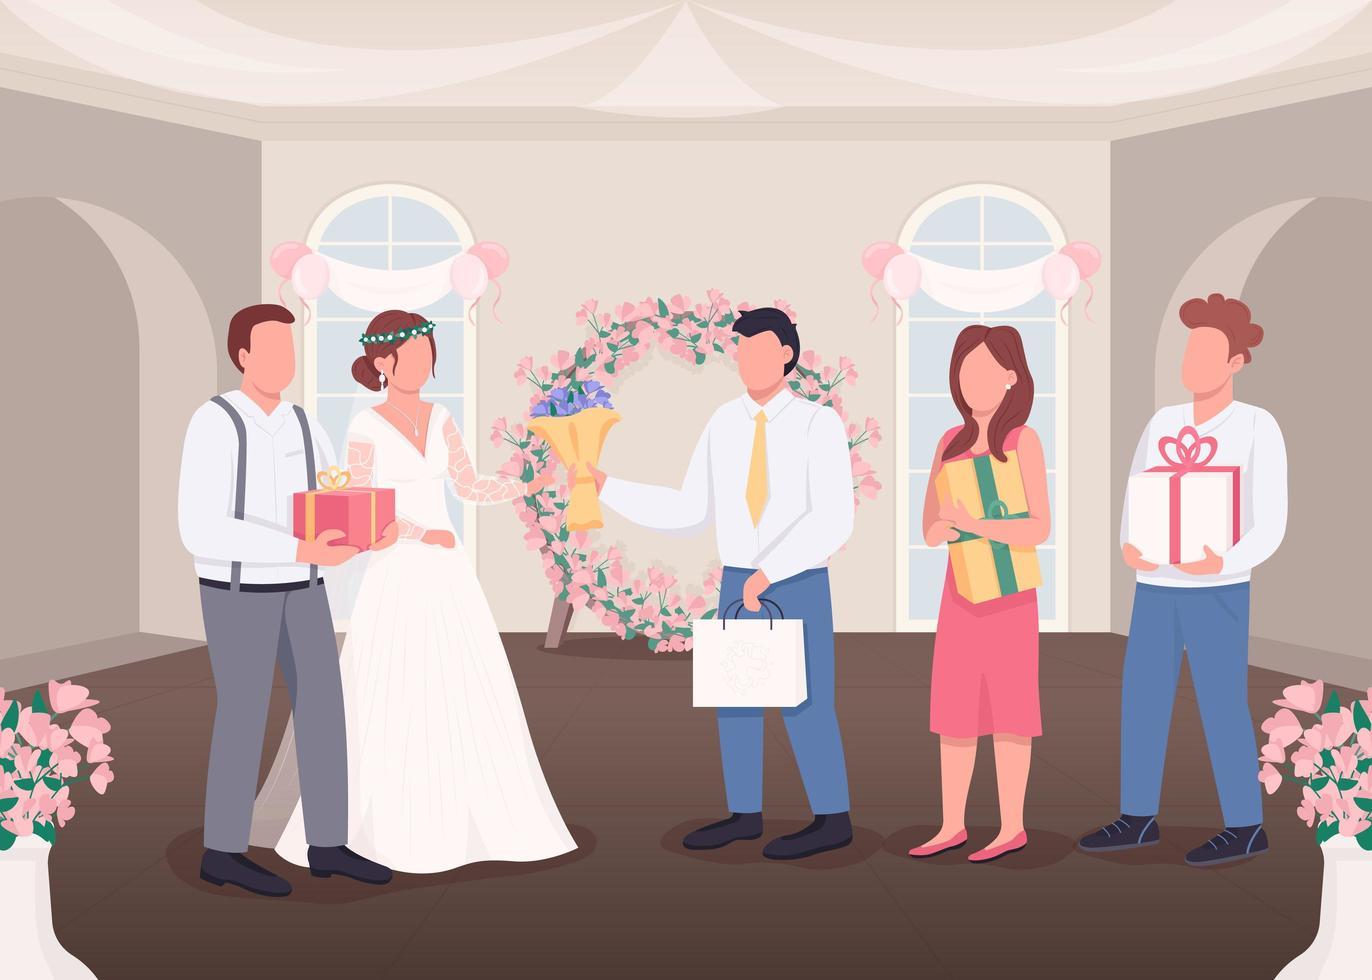 cadeaus voor bruid en bruidegom vector